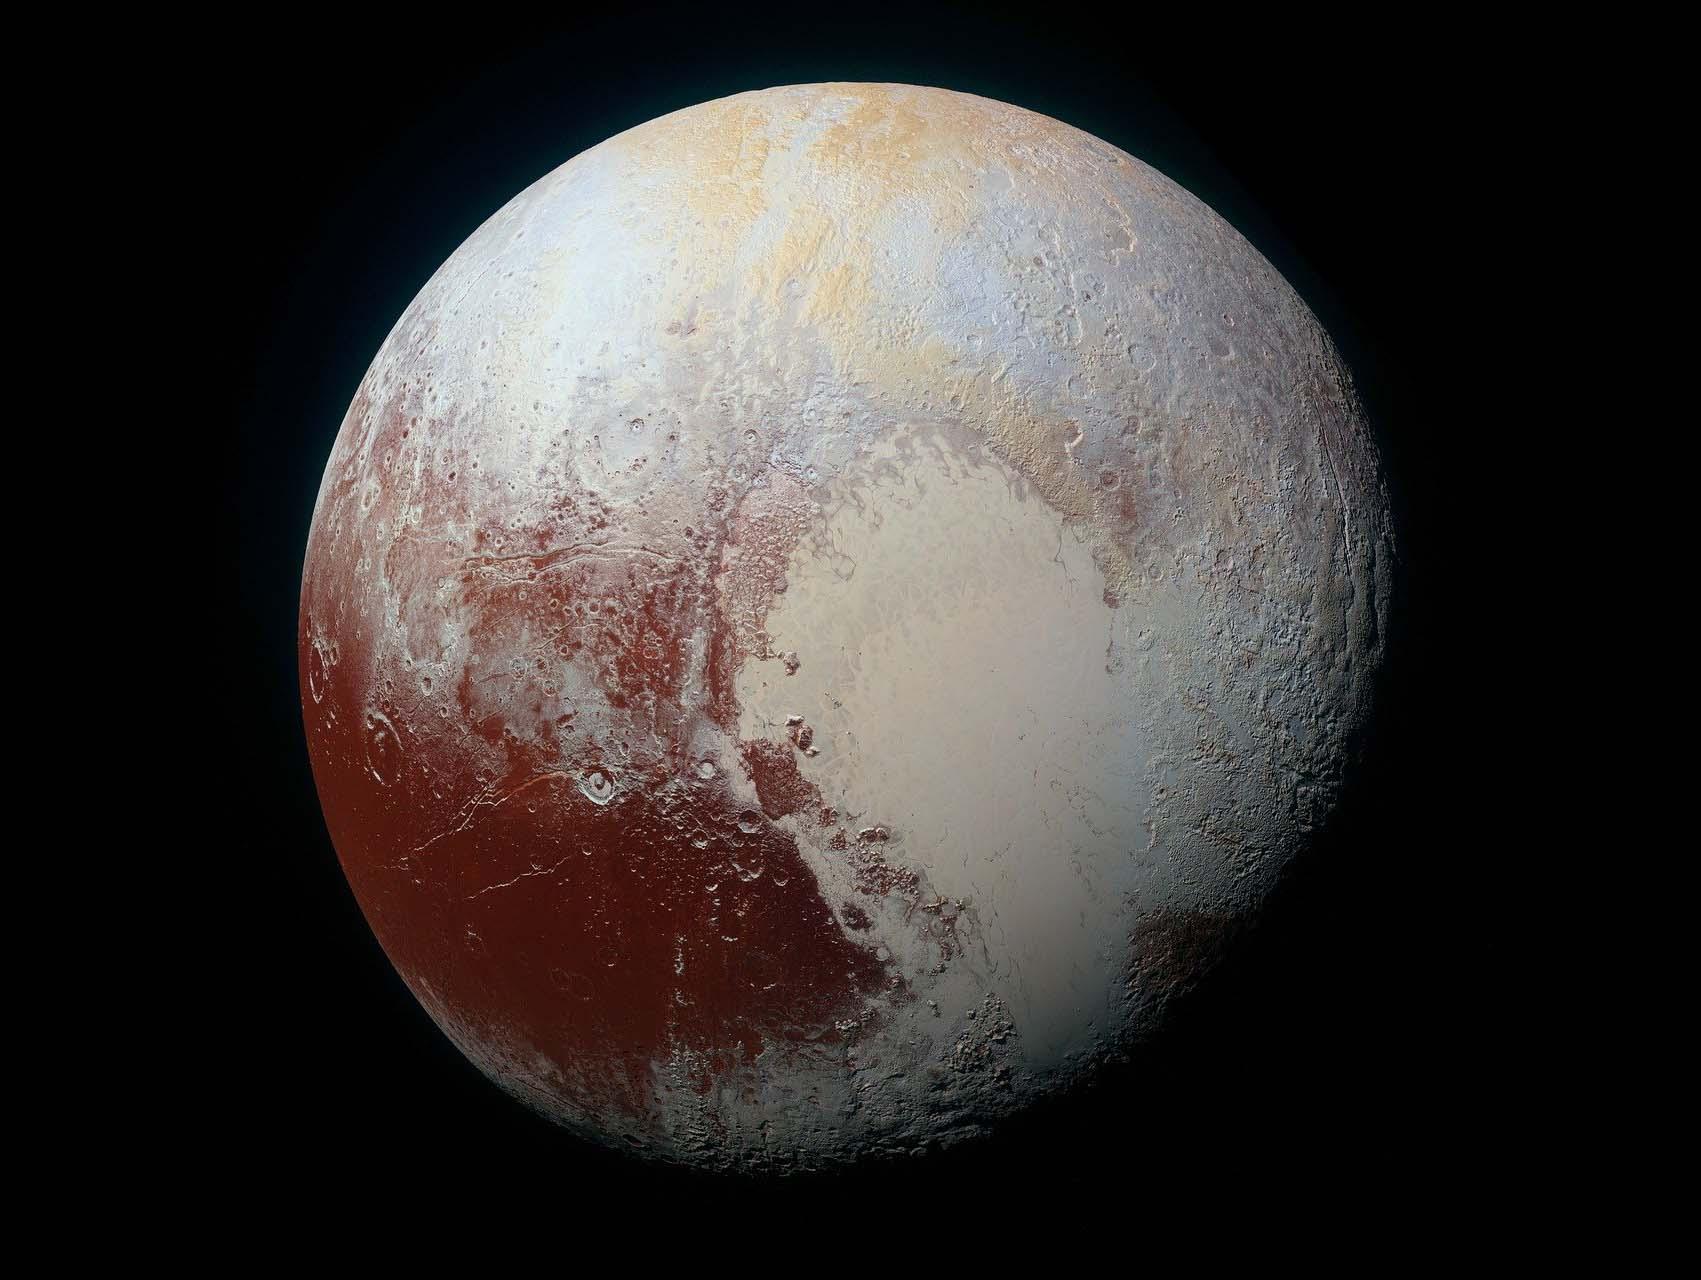 冥王星がもたらす愛と変容〜容赦ない破壊の先にあるもの